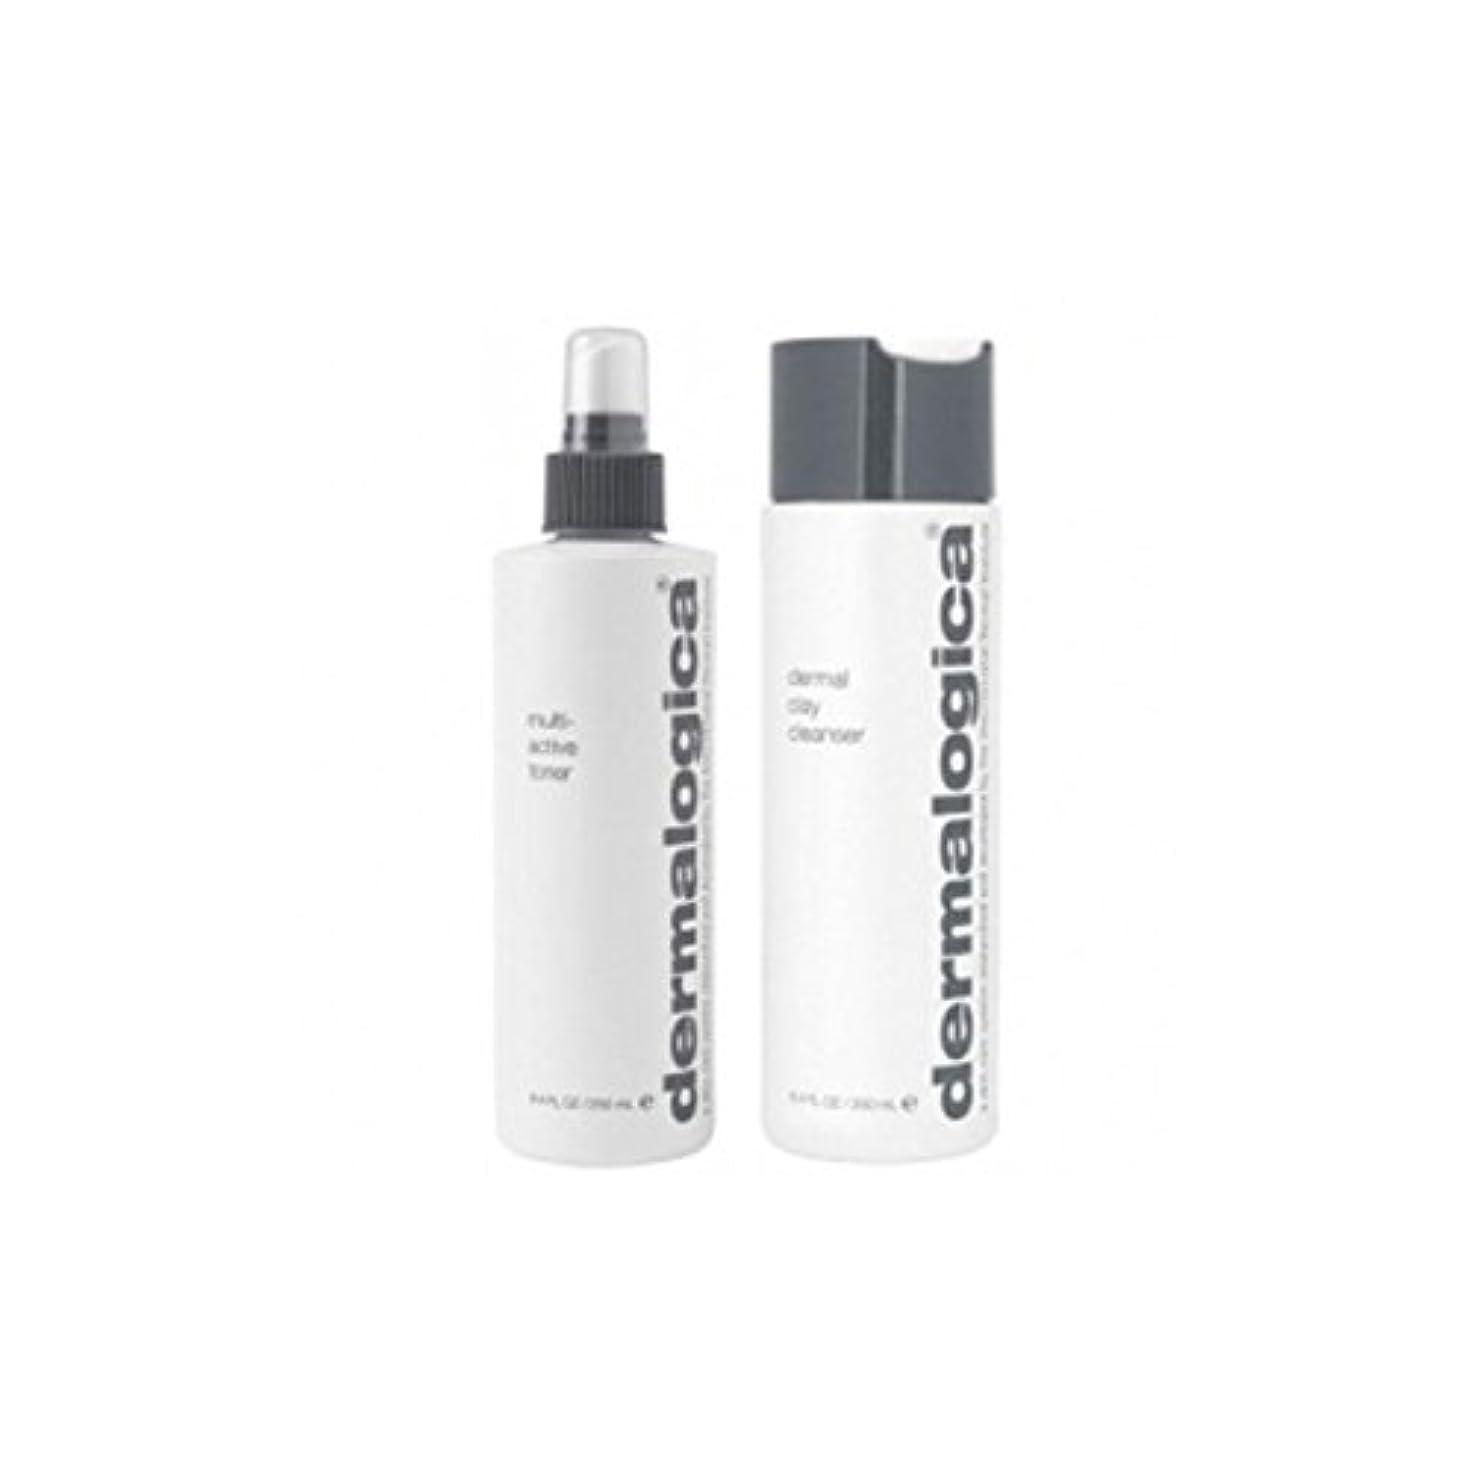 分析するデモンストレーションのれんダーマロジカクレンジング&トーンデュオ - 脂性肌(2製品) x4 - Dermalogica Cleanse & Tone Duo - Oily Skin (2 Products) (Pack of 4) [並行輸入品]